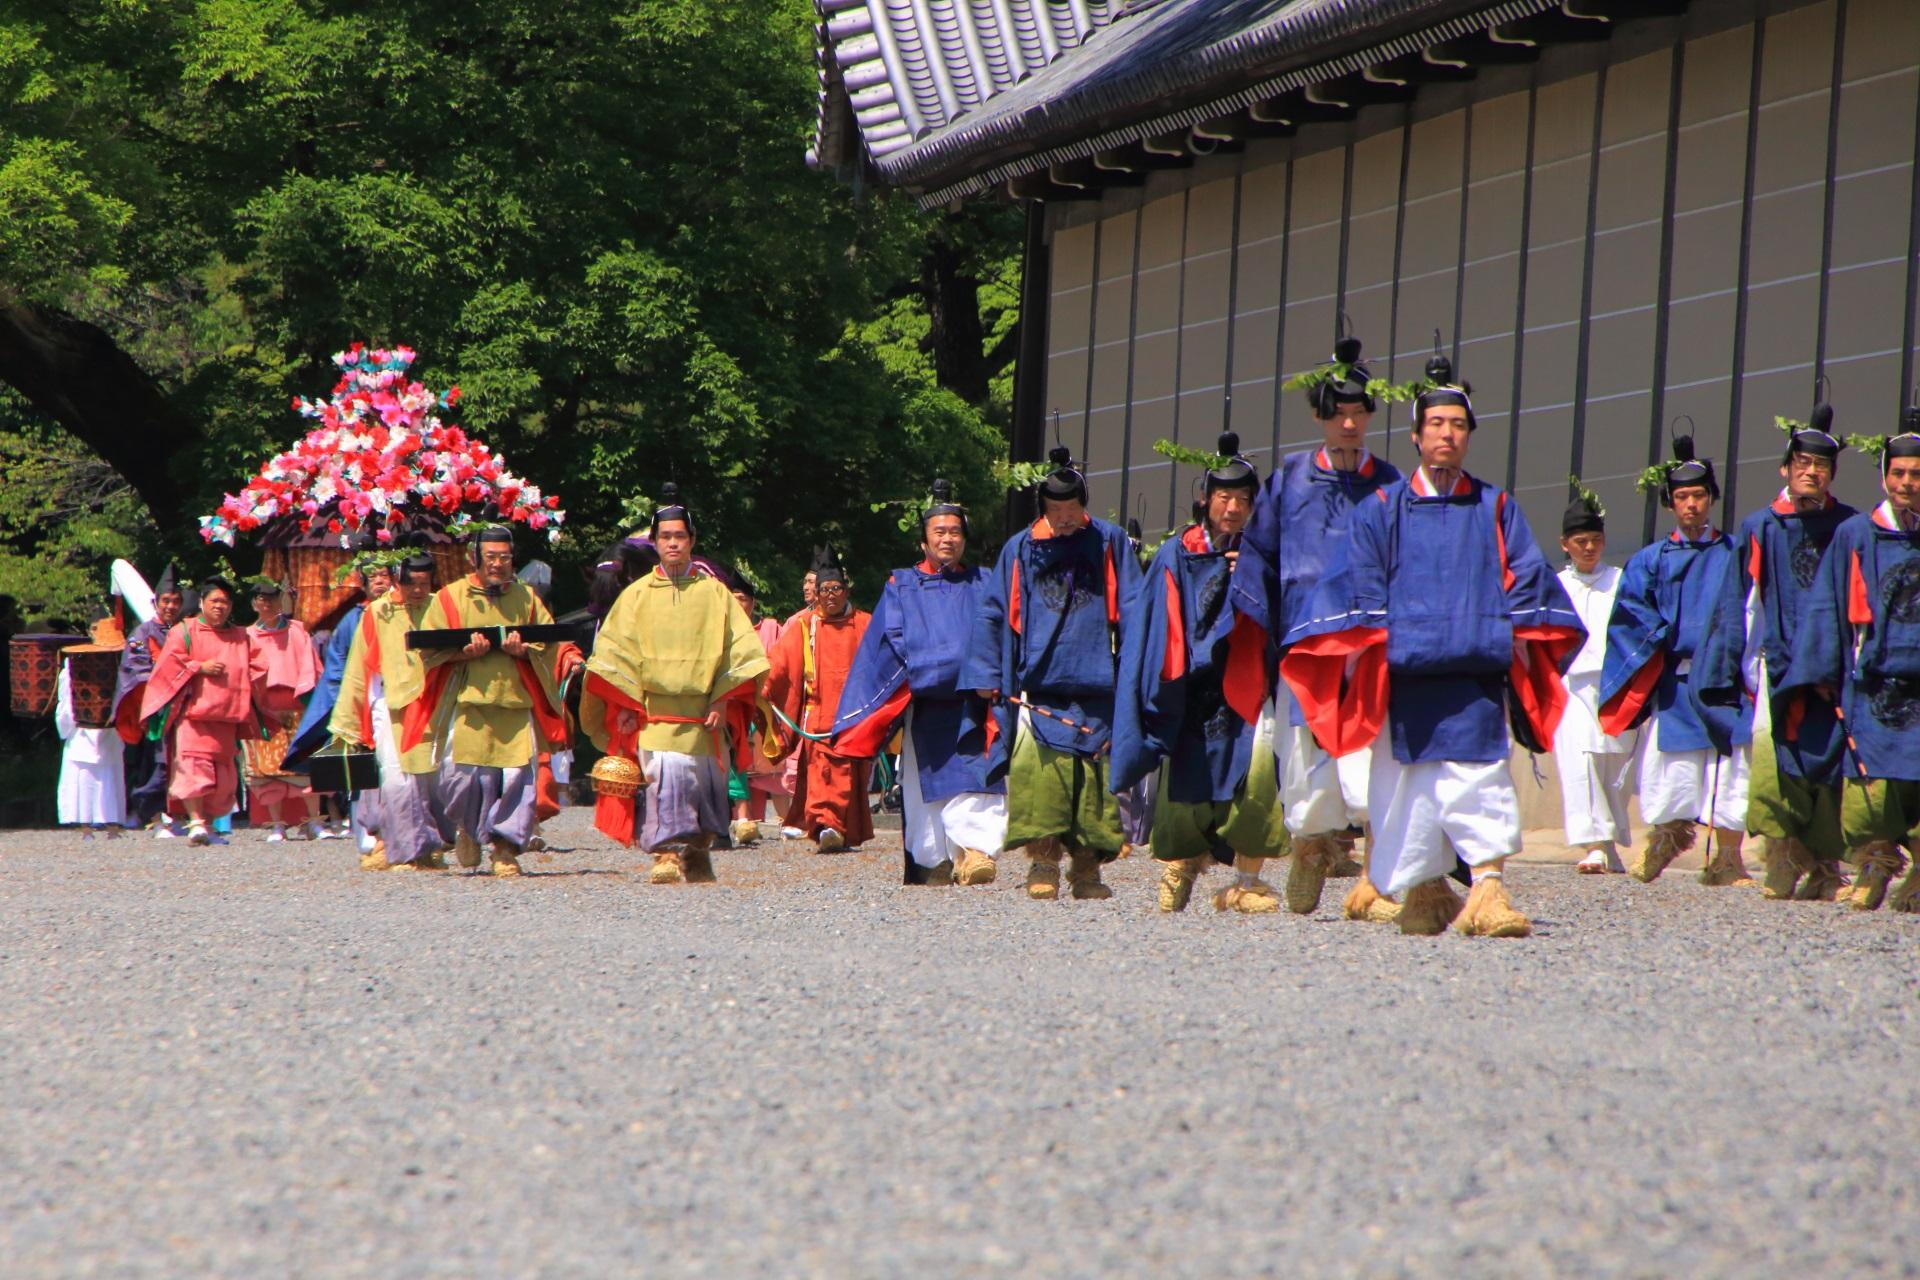 あおいまつり 京都三大祭